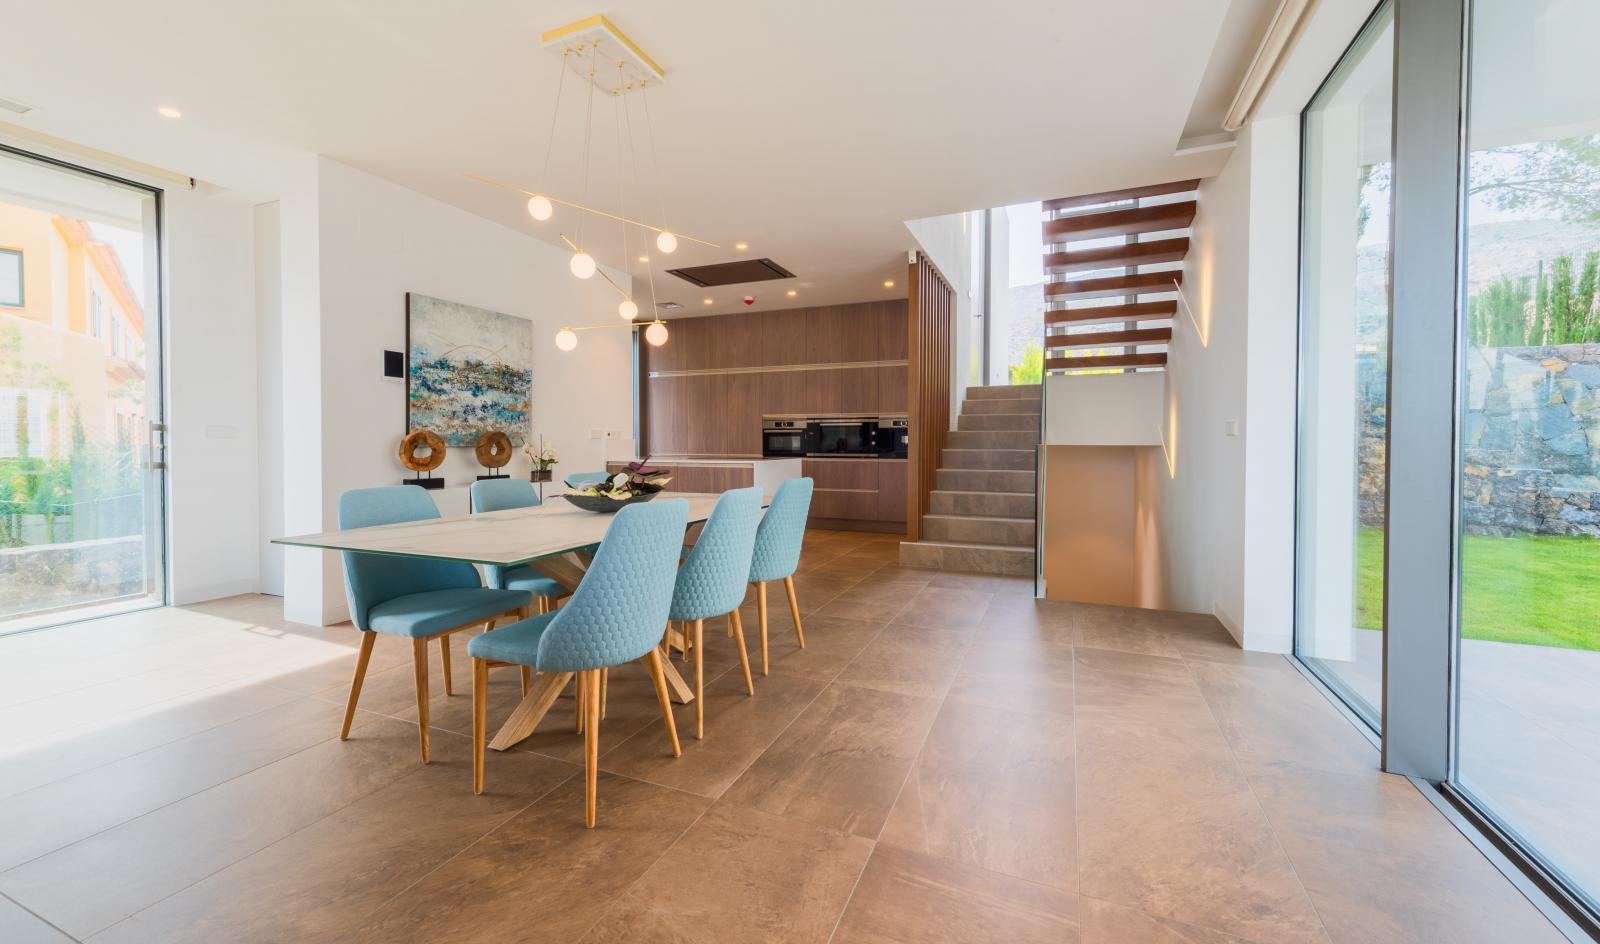 5. Brand new villa in Finestrat Alicante - Fantastic Brand New Villa in Finestrat, Alicante